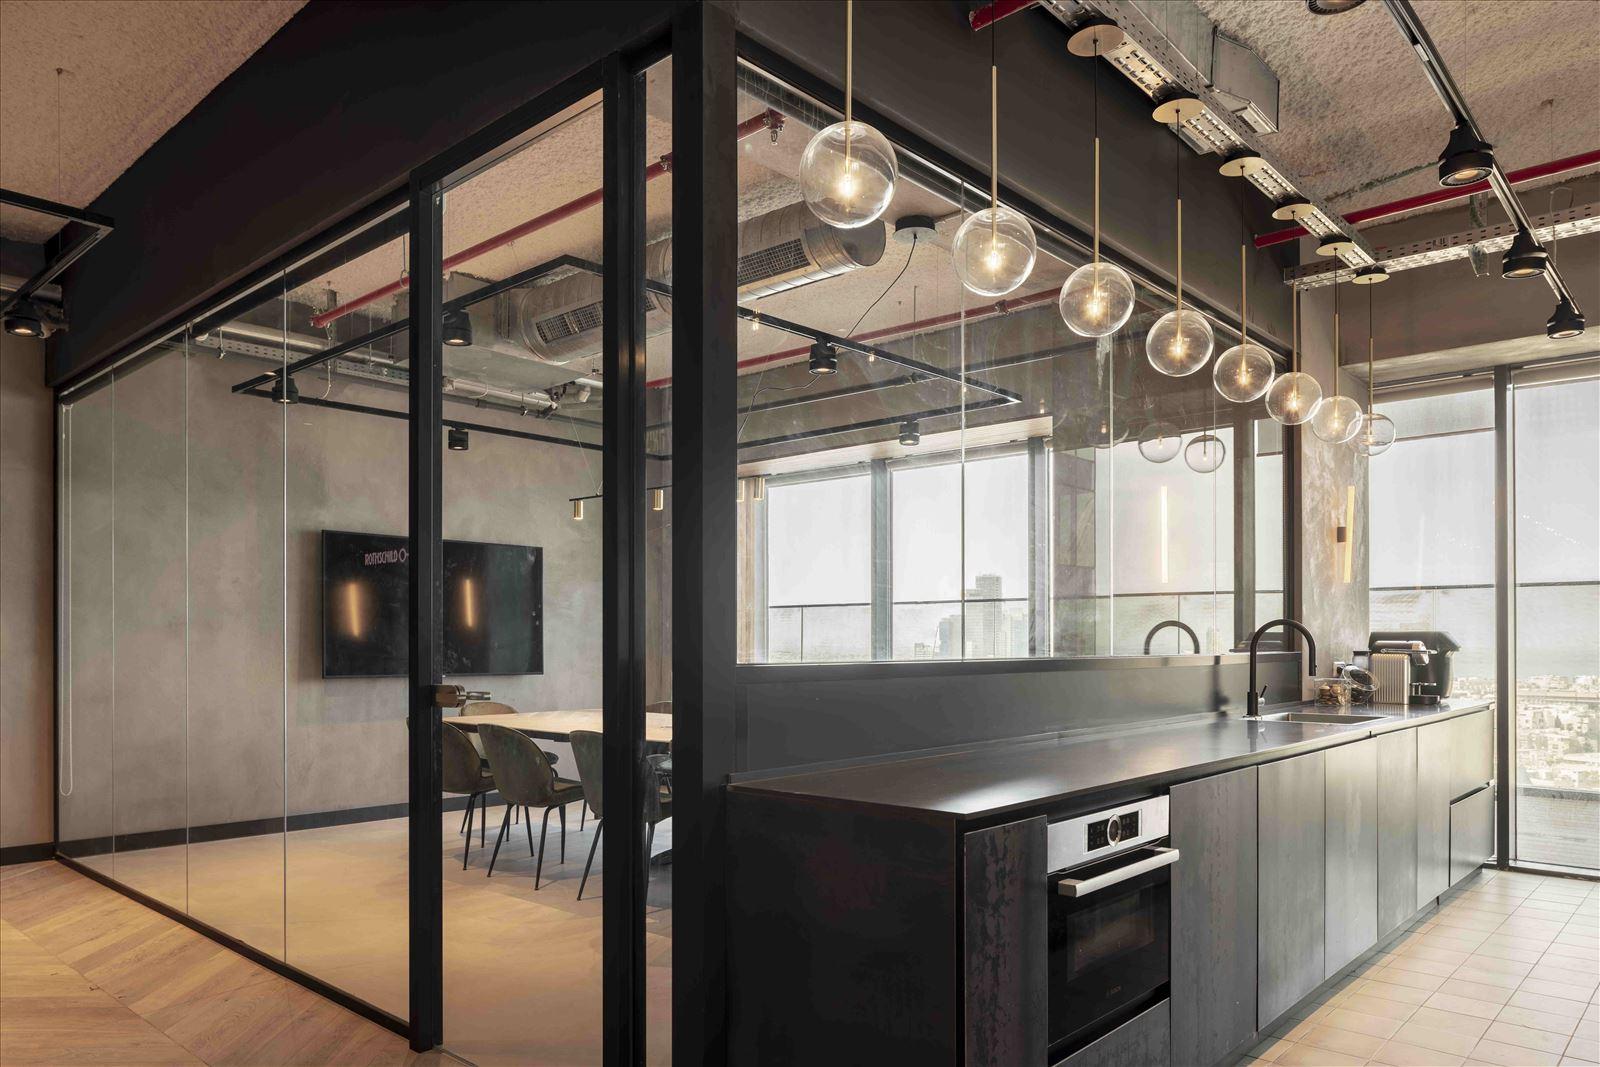 Office project תאורת המטבח במשרדים נעשתה על ידי קמחי תאורה